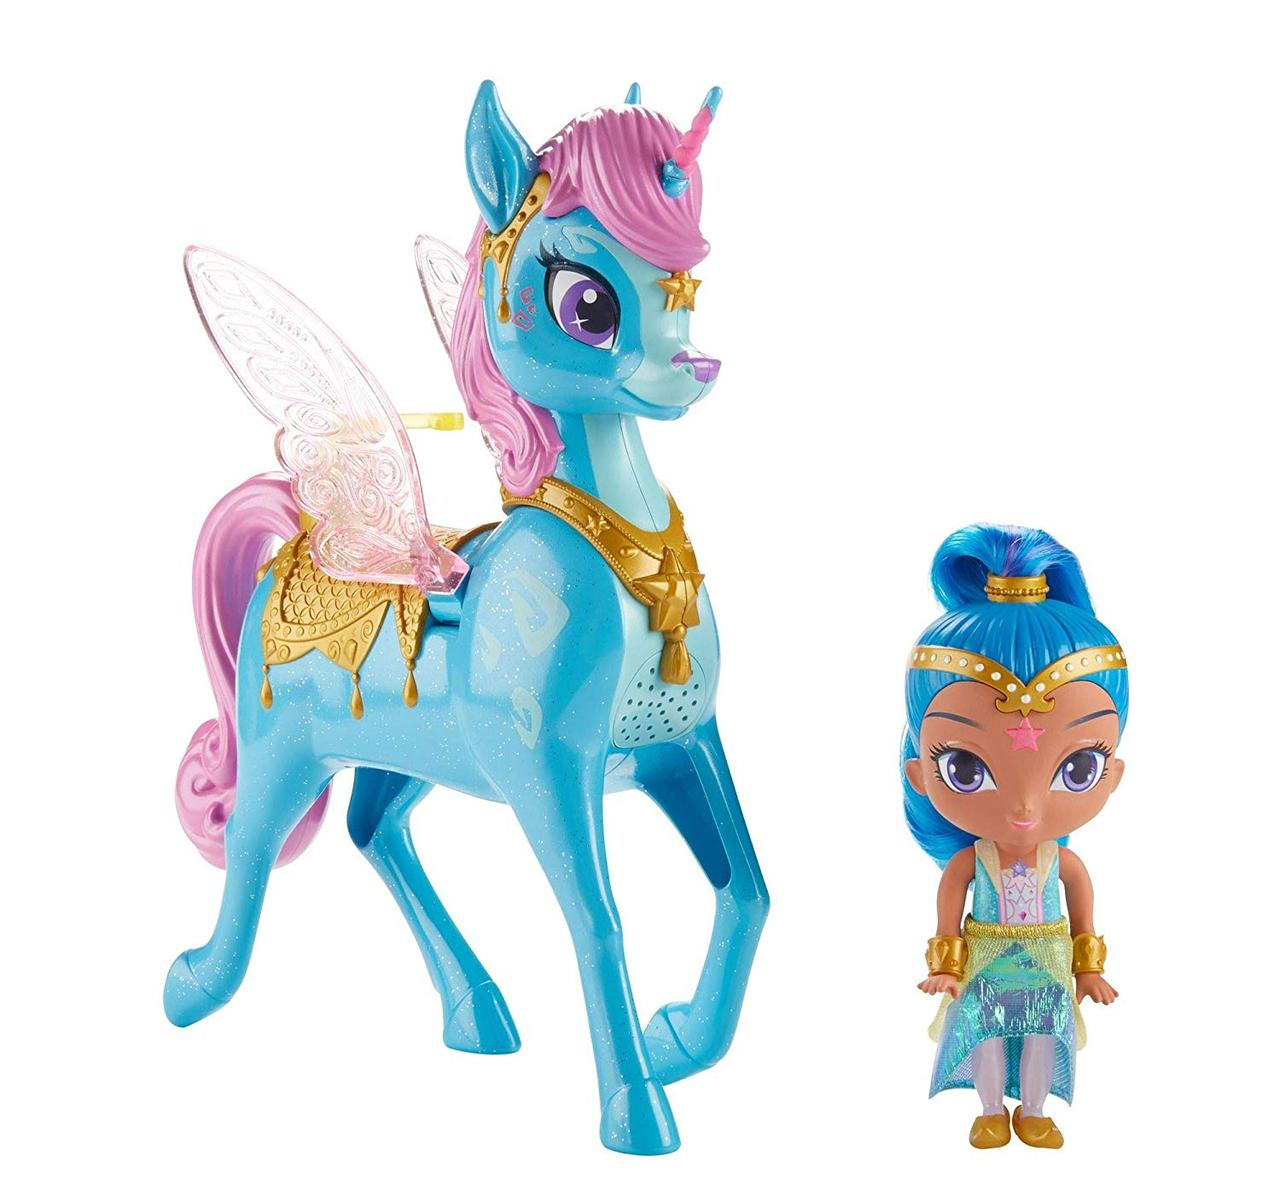 Кукла Шайн с интерактивным единорогом Shimmer and Shine от Fisher-Price Magical Flying Zahracorn, Shine